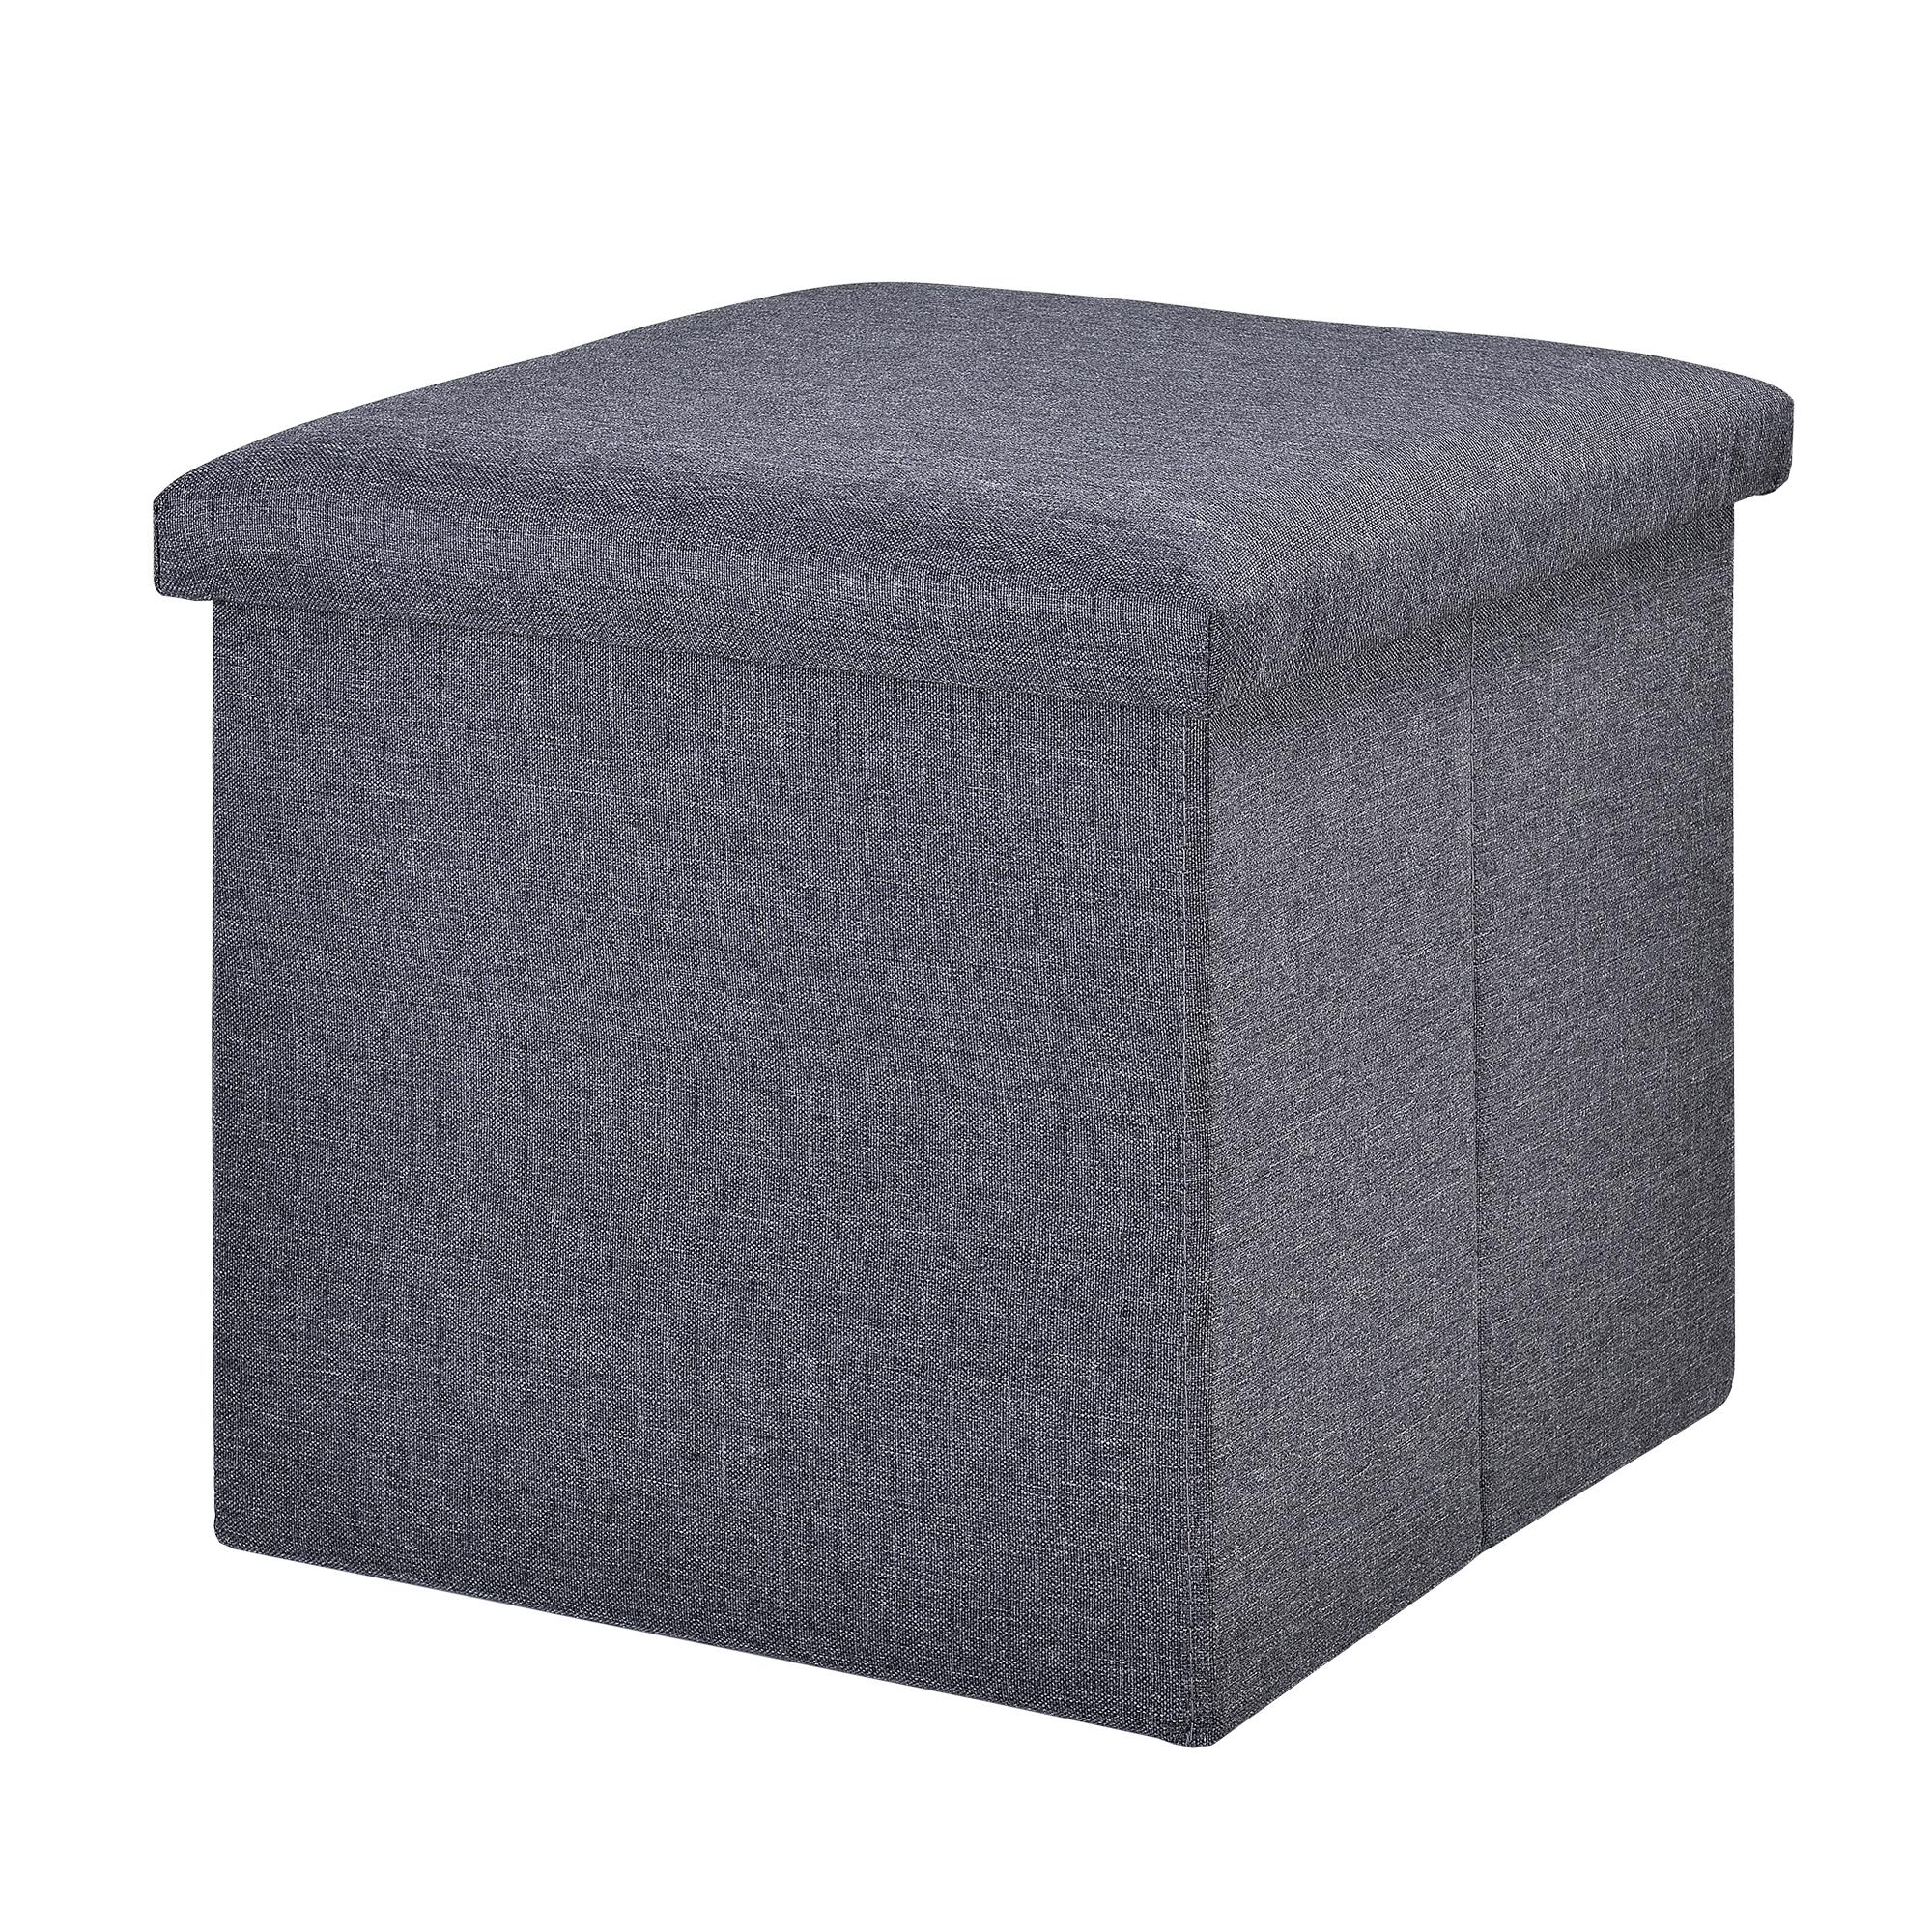 banc de rangement 38x38x38cm gris fonc porte pieds ebay. Black Bedroom Furniture Sets. Home Design Ideas